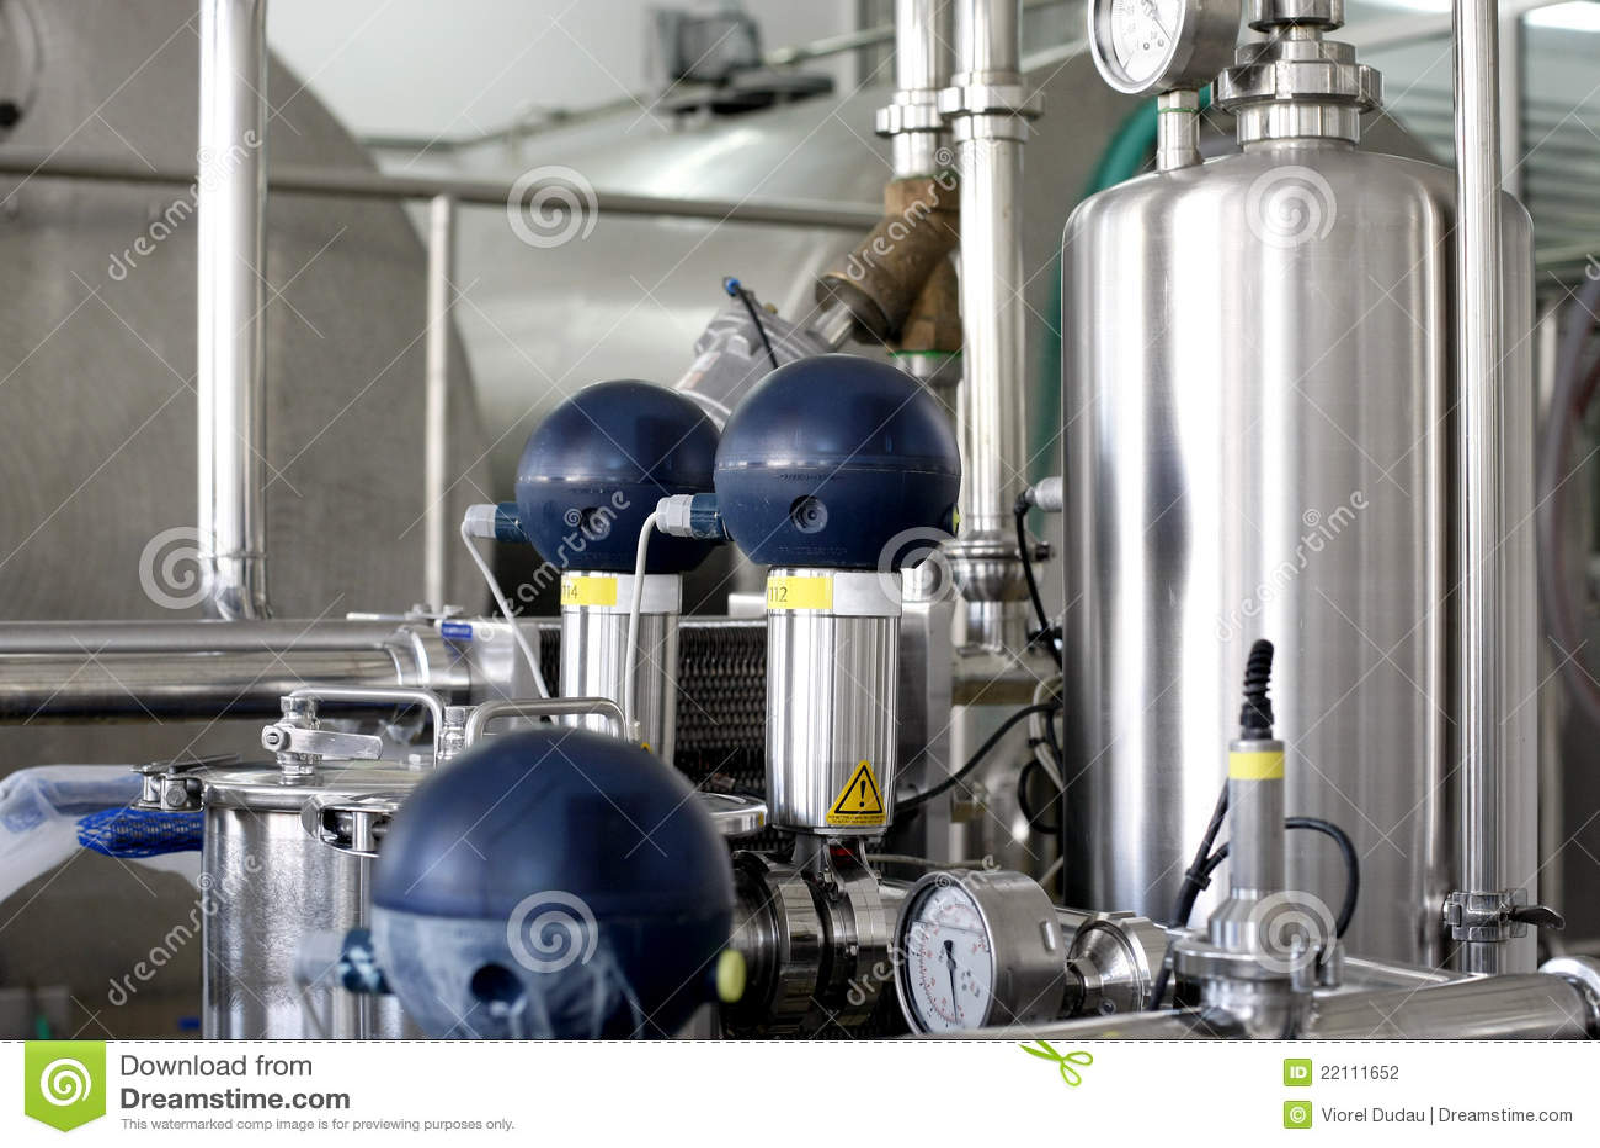 Pressure tanks in factory